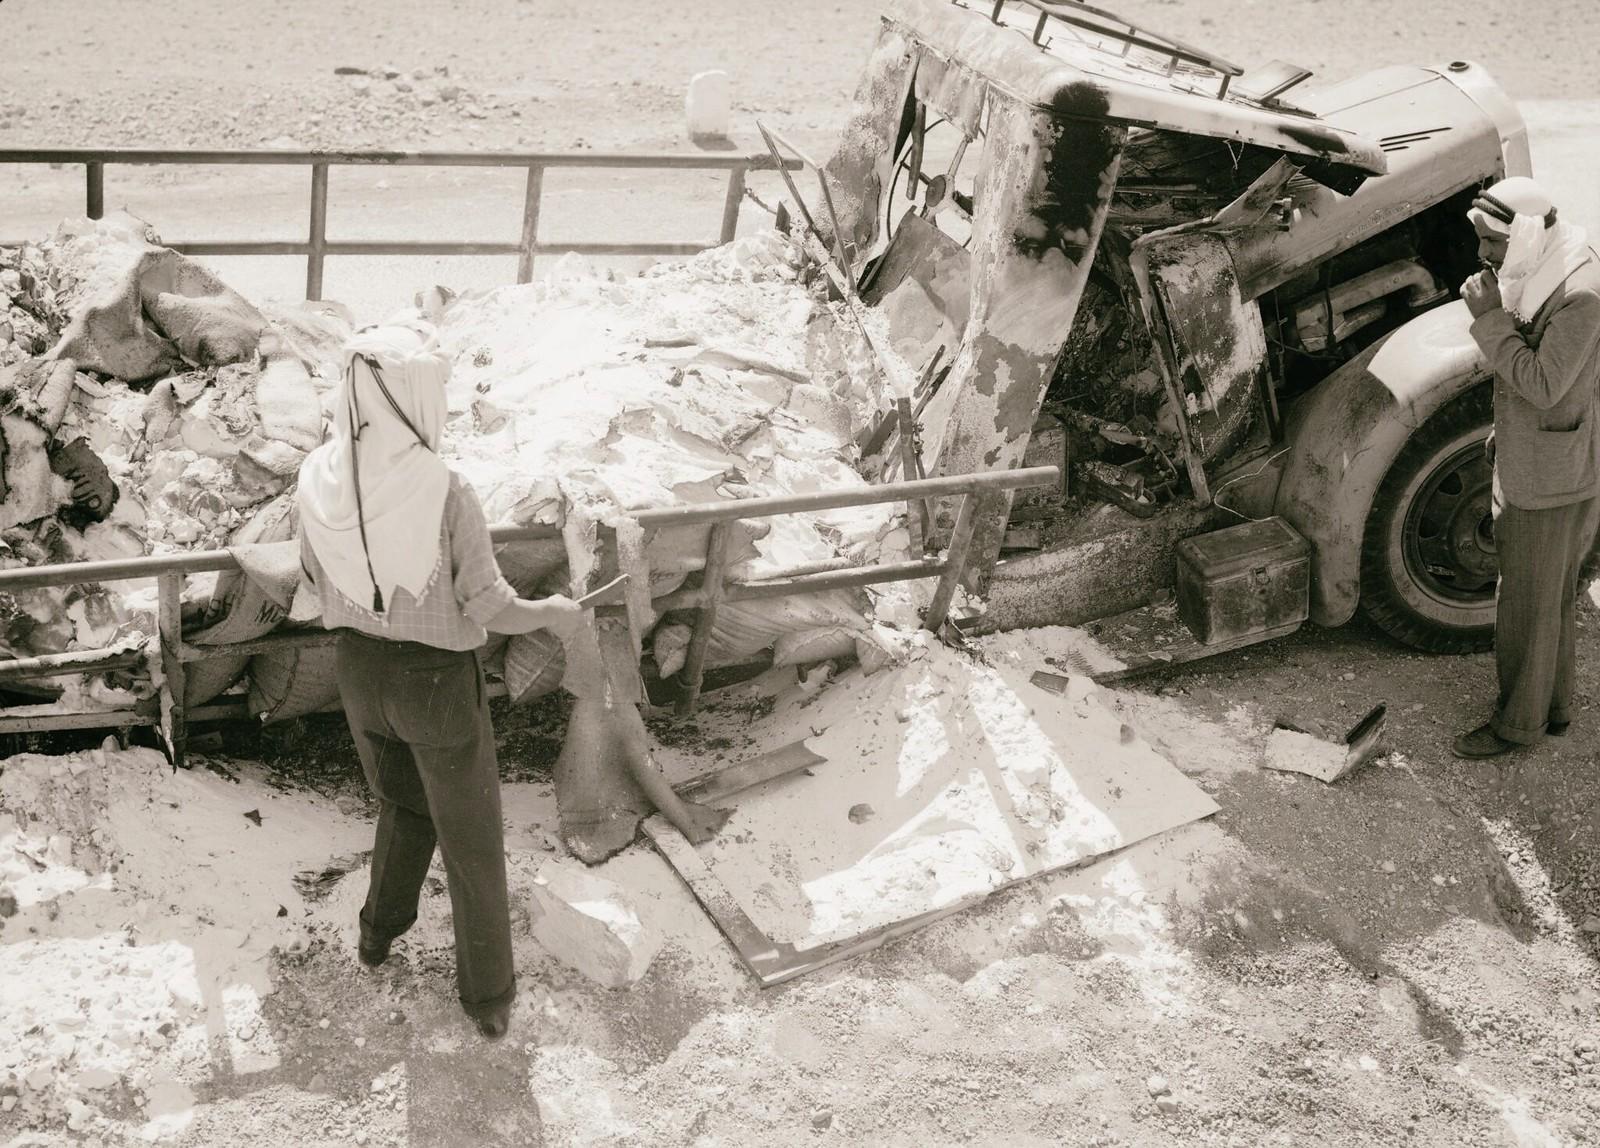 19. 1938. Крупный план сгоревшего грузовика с калием